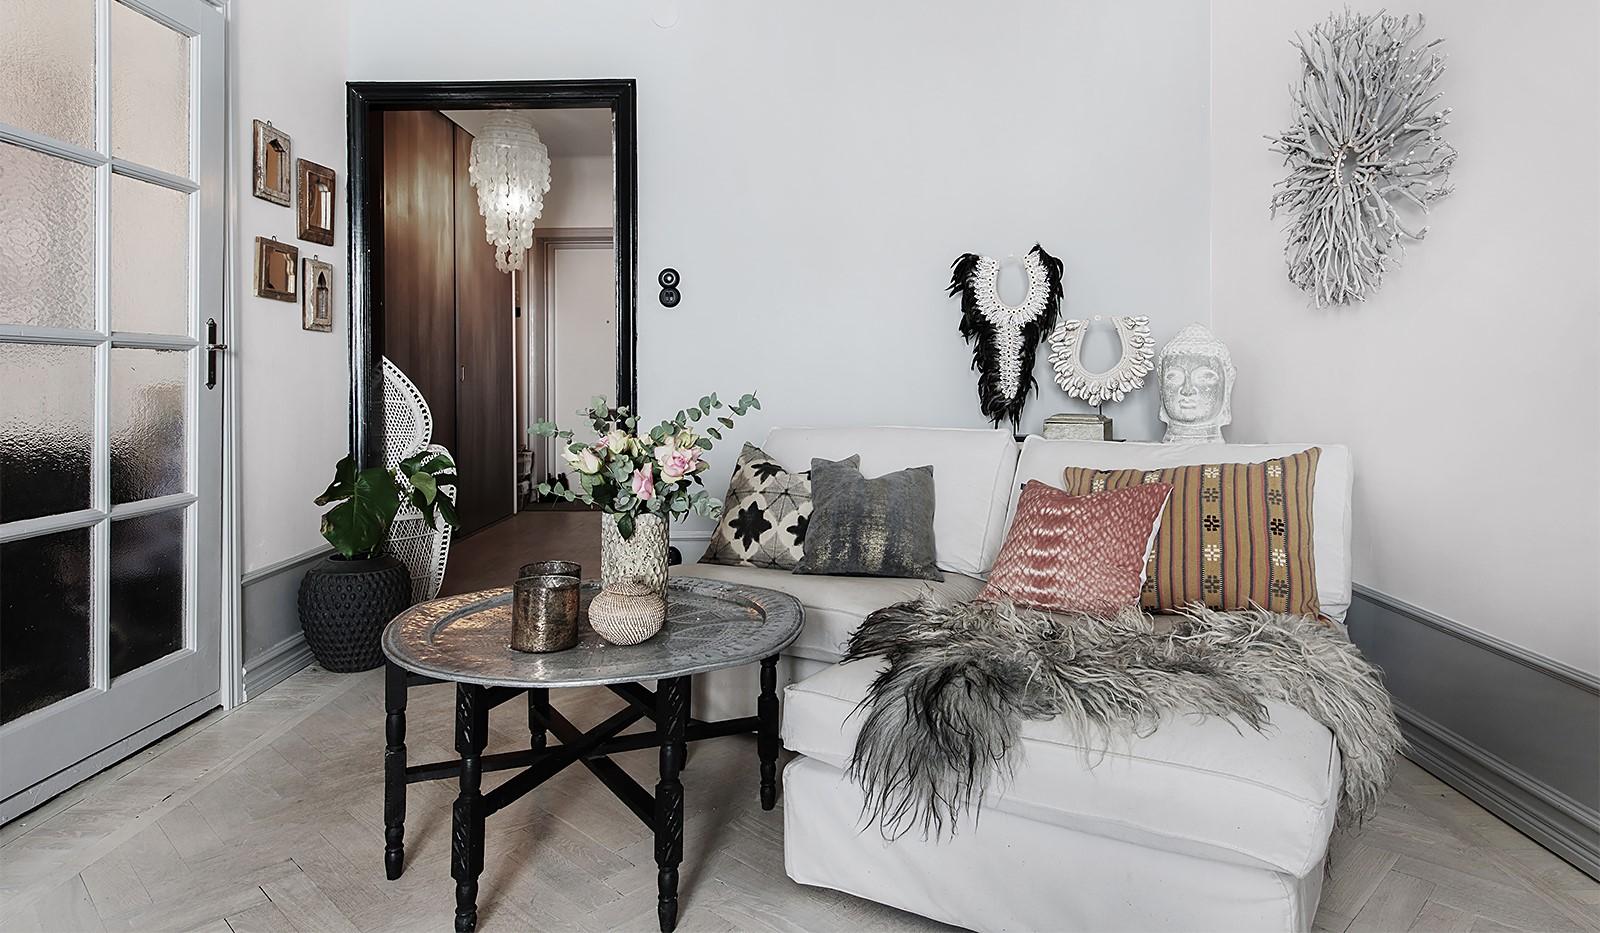 Bergsunds Strand 31, 5 tr, Accepterat pris - Speglad dörr till vardagsrummet och höga socklar